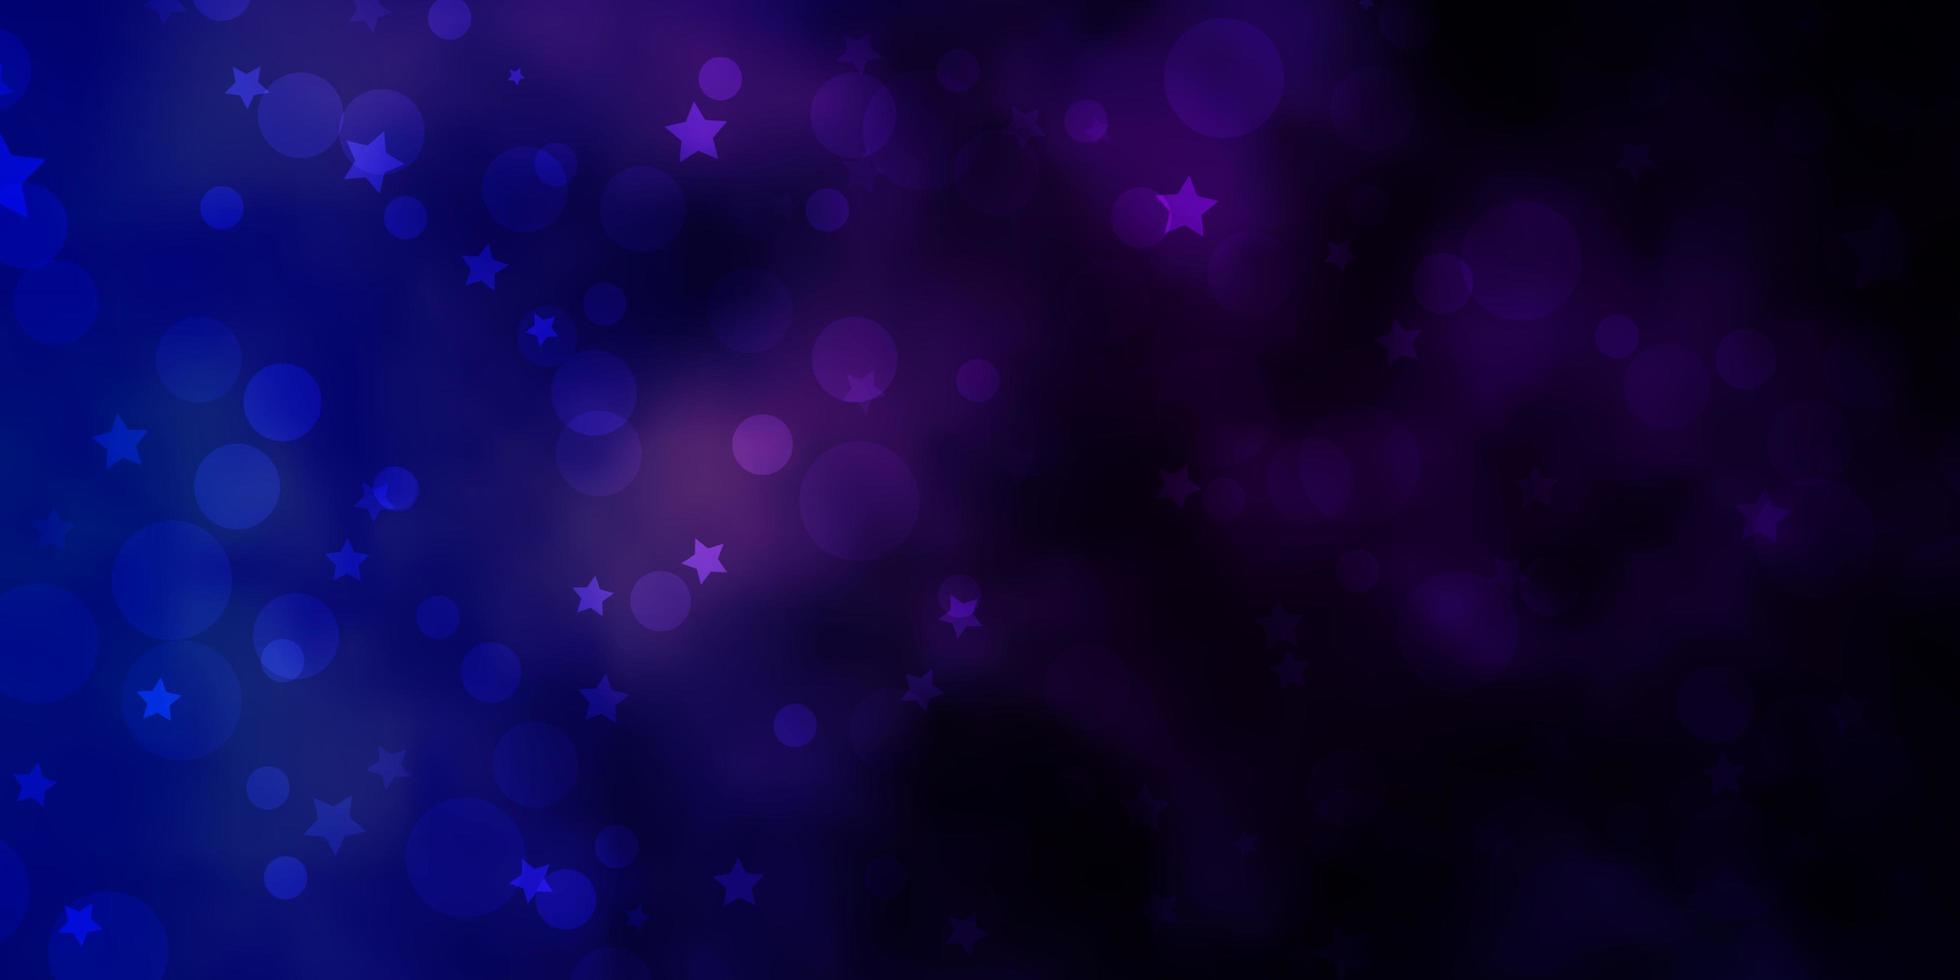 mörkrosa, blå vektorstruktur med cirklar, stjärnor. vektor